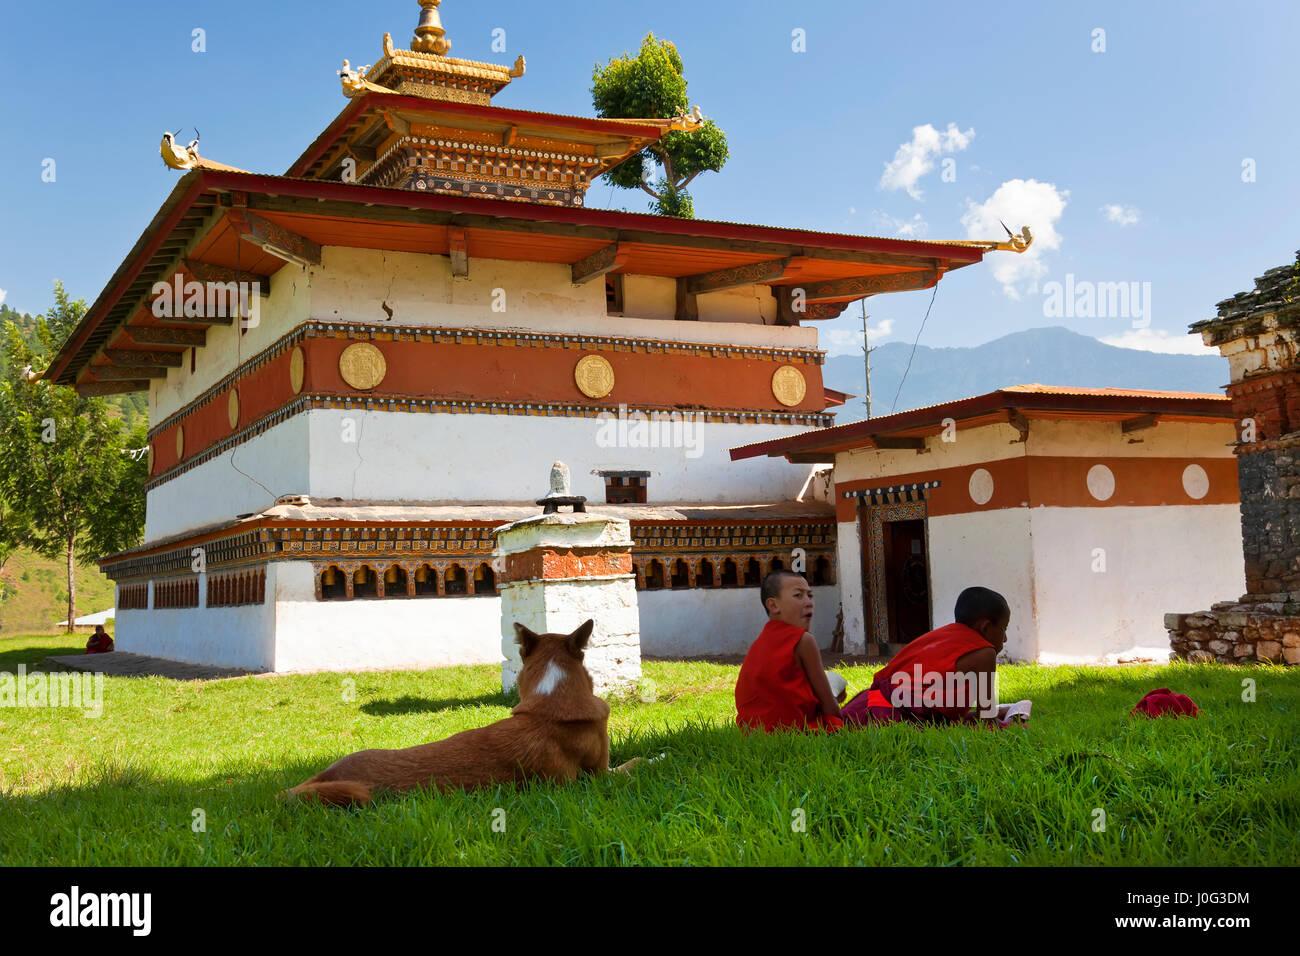 Chimi Lhakhang Monastery, Pana, Bhutan - Stock Image